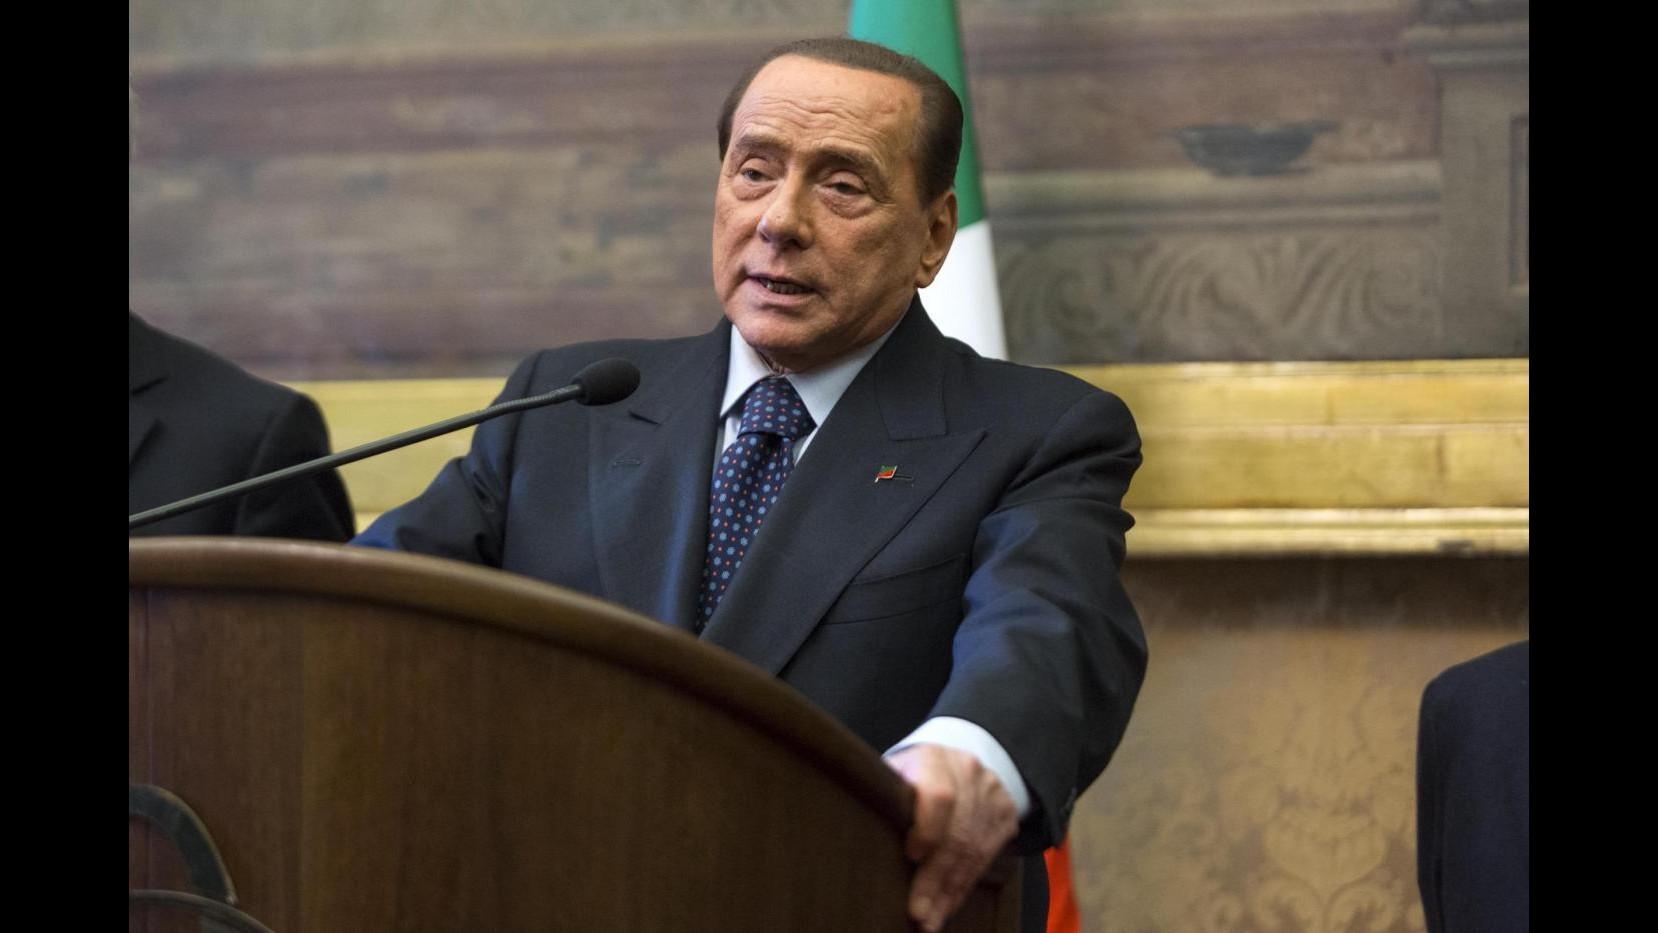 Tribunale Milano: Berlusconi non potrà partecipare a congresso Ppe